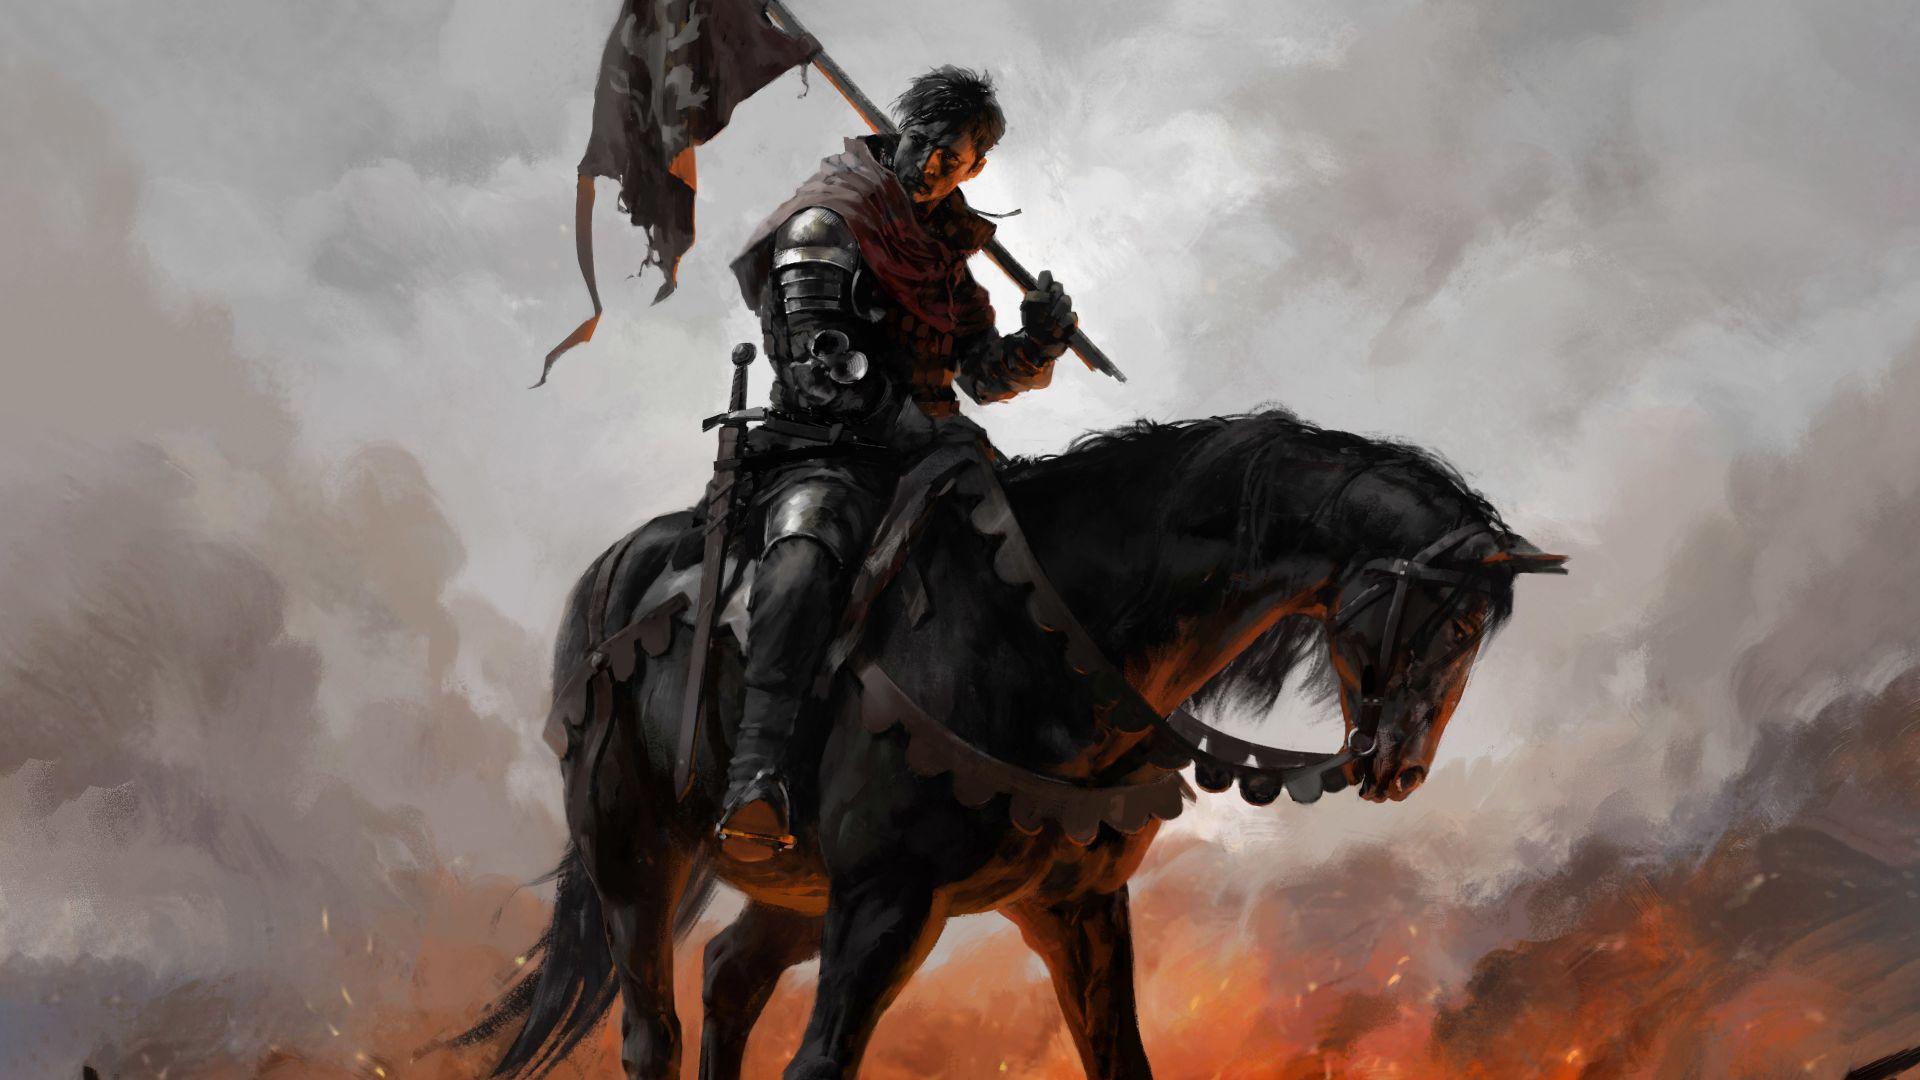 Wallpaper Kingdom Come: Deliverance, 2017 game, horse